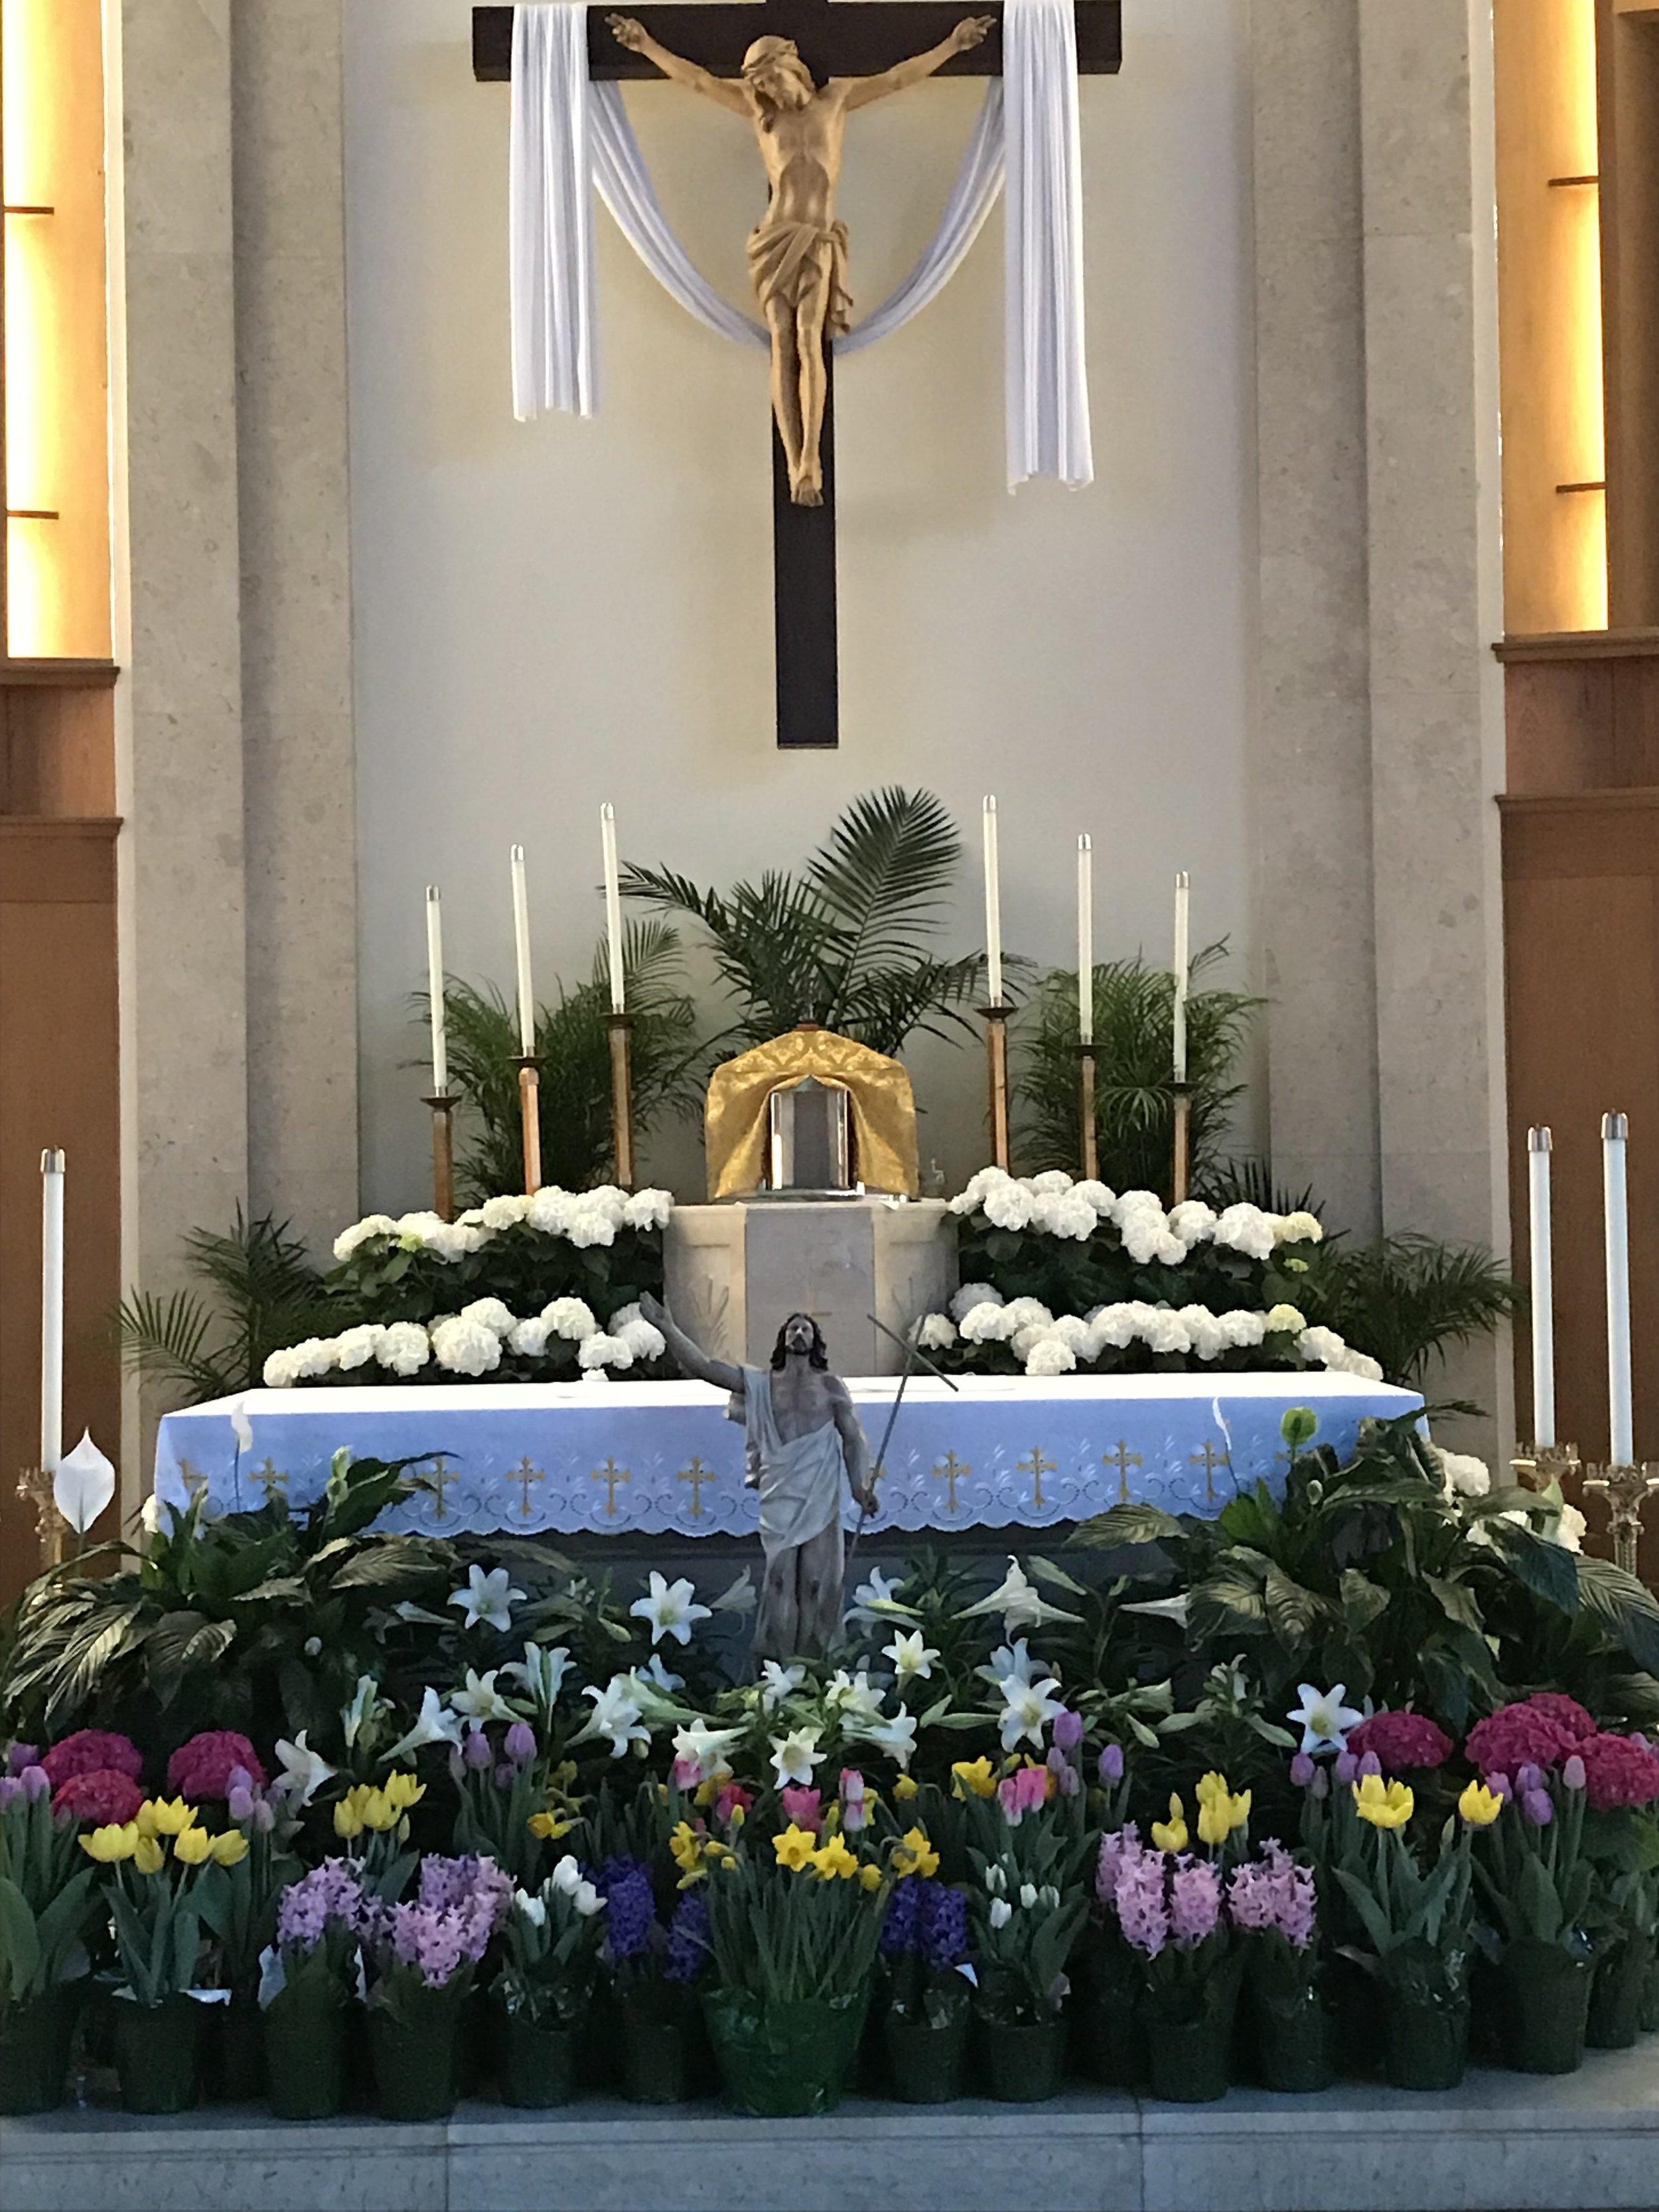 Alleluia, He has Risen! He has Risen Indeed!